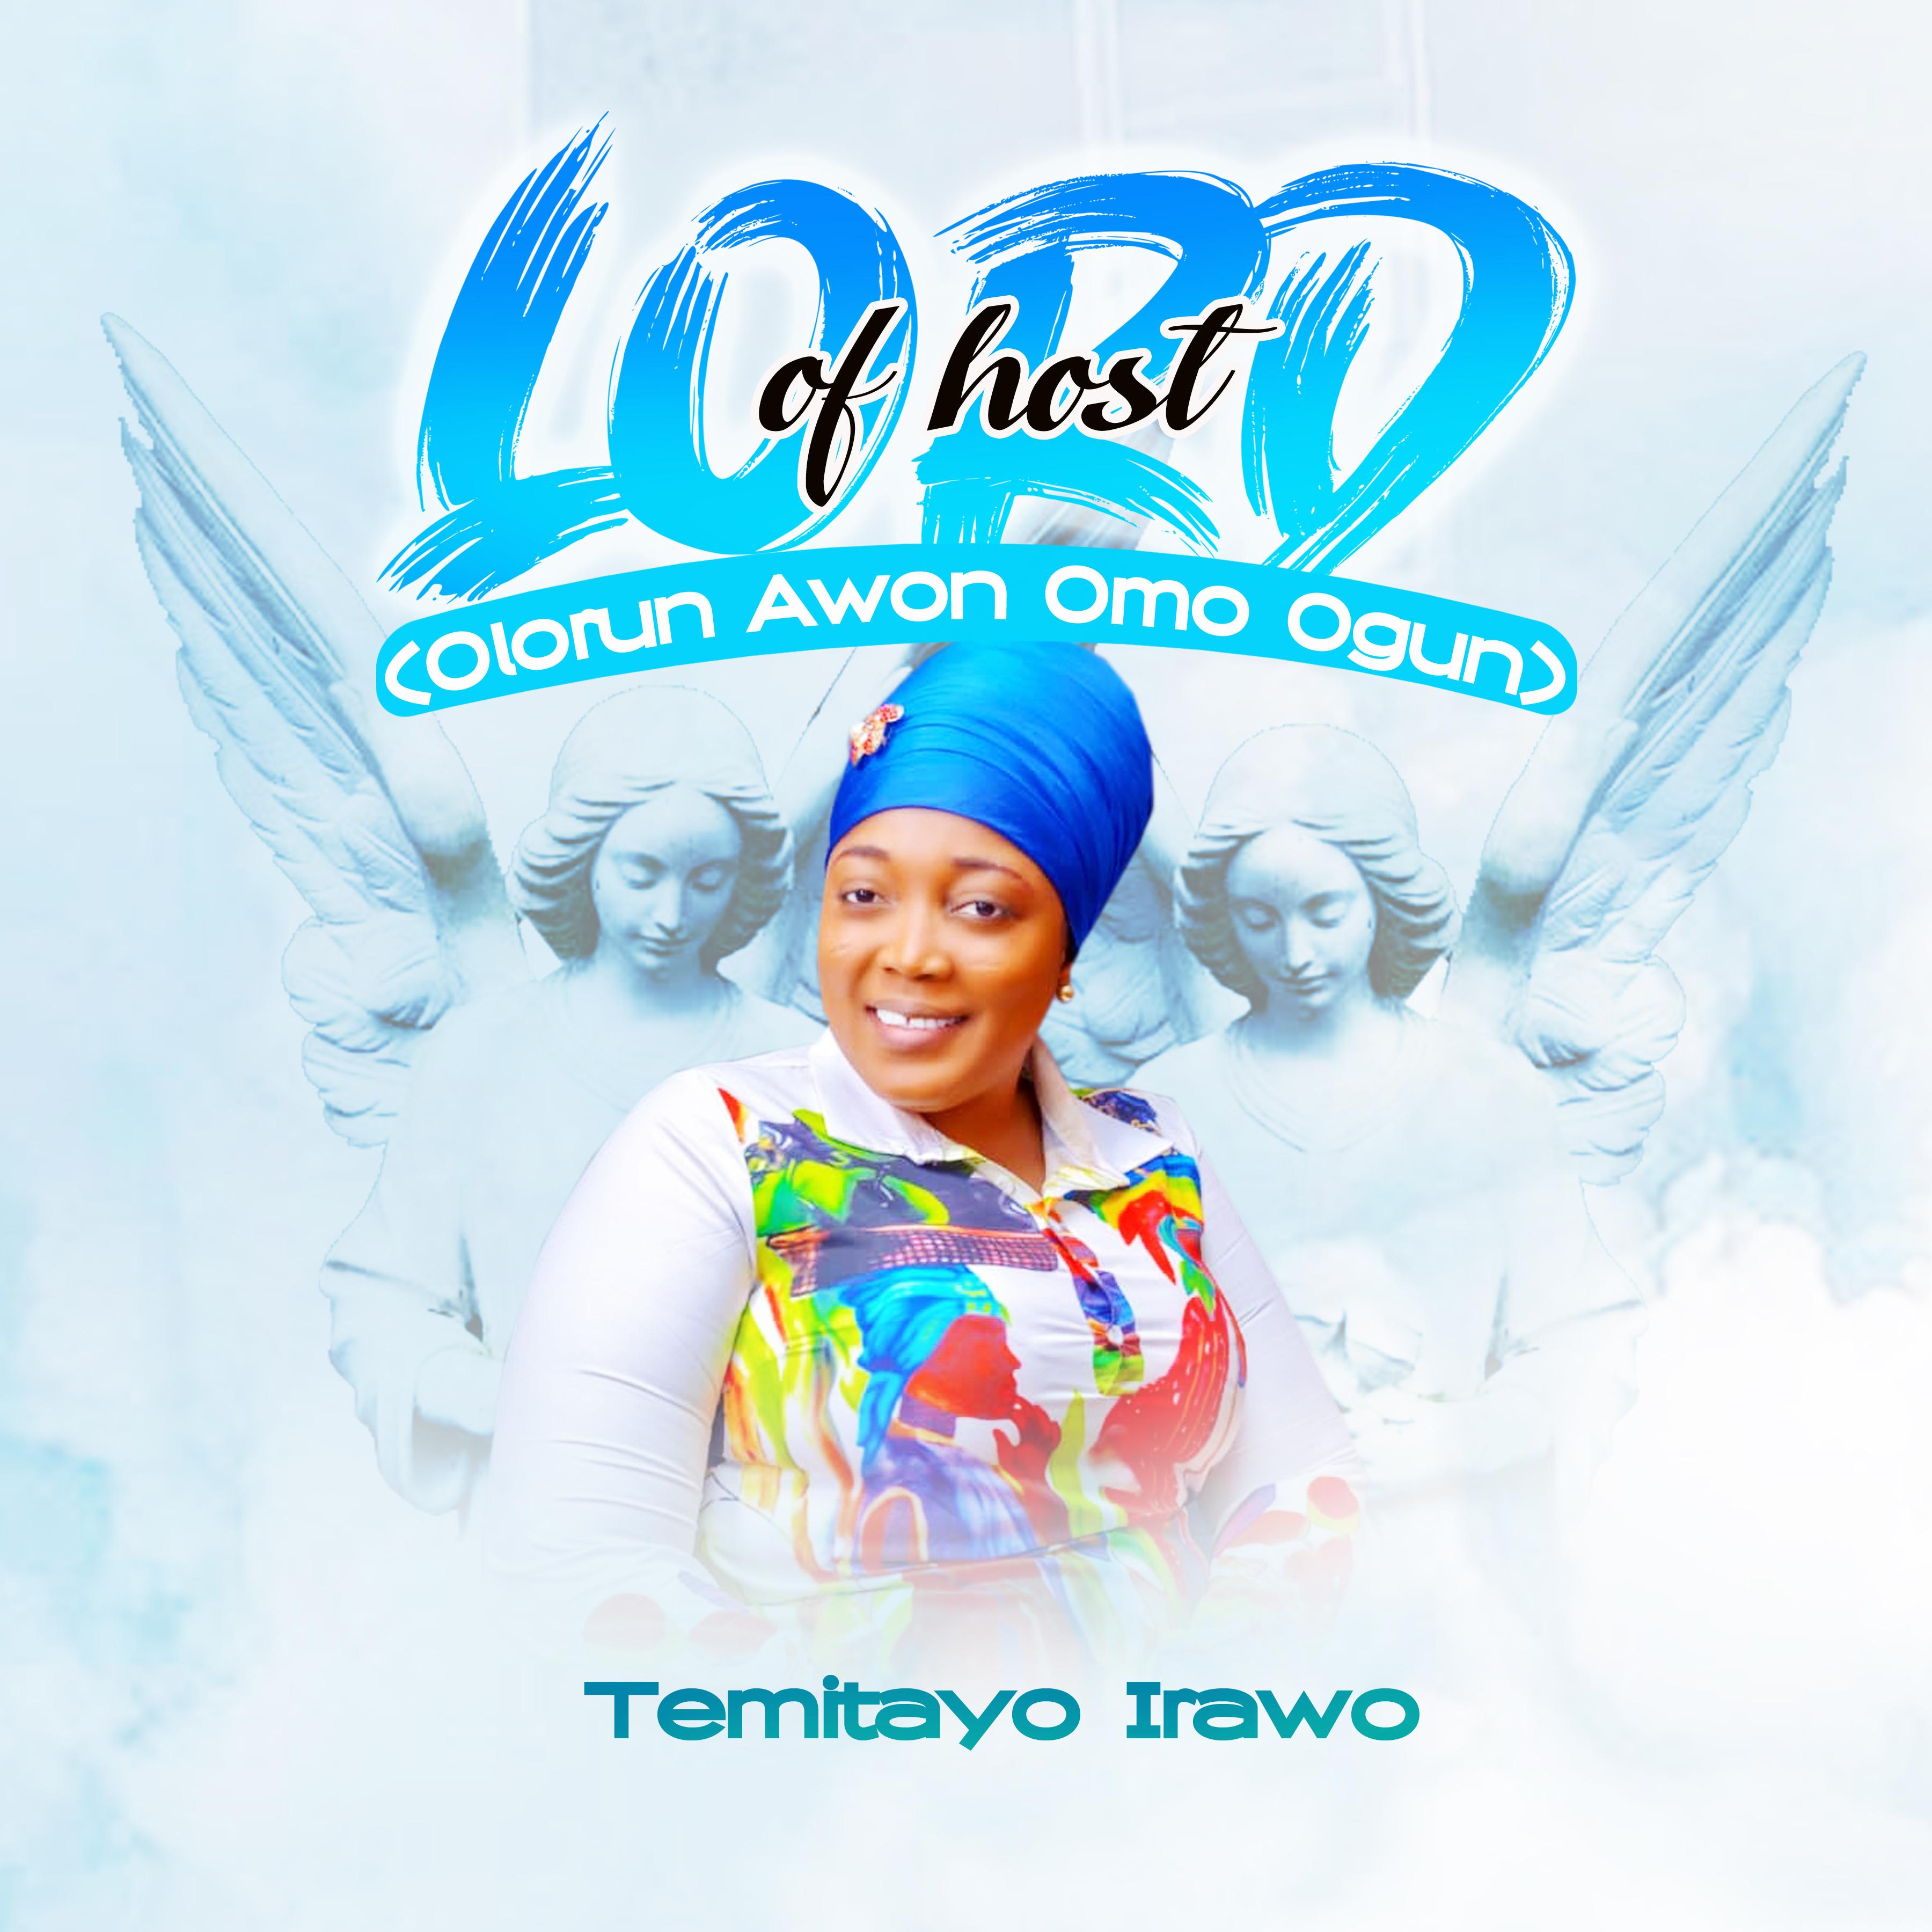 Lord of Host (Olorun Awon Omo Ogun) Image